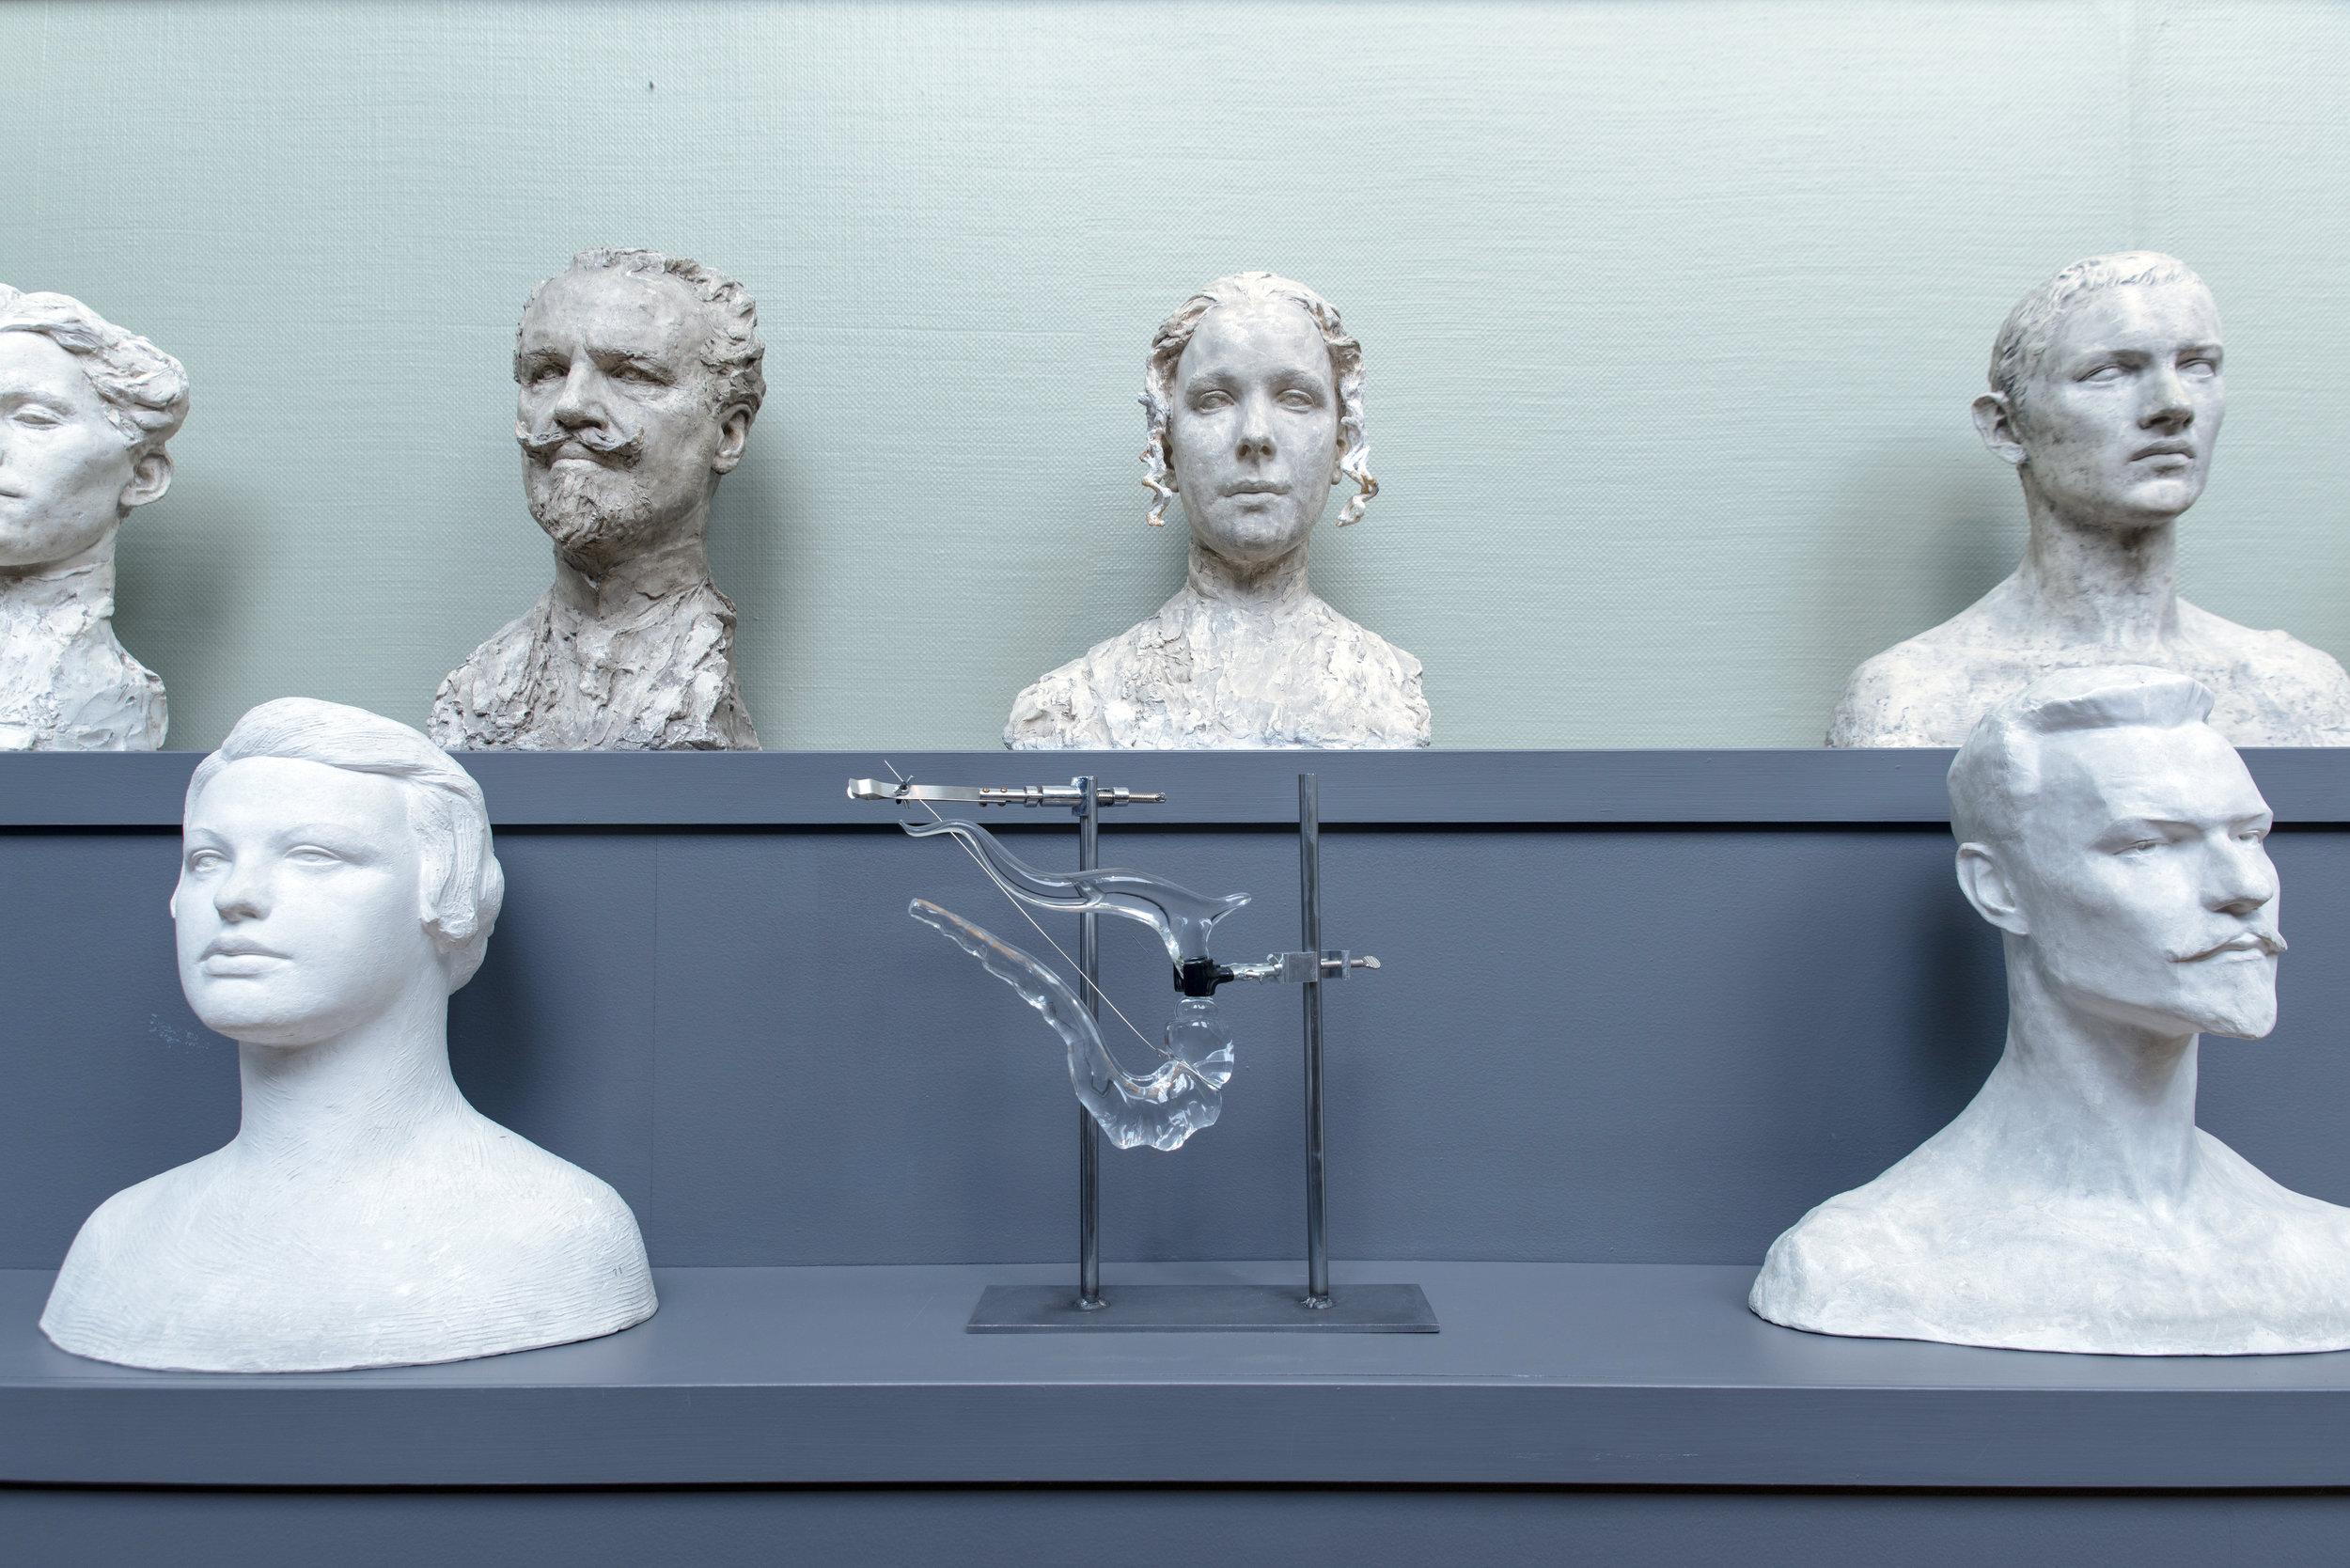 Vigeland Museet  Skulpturbiennale 2017  Carsten Aniksdal-13 Anne Guro Larsmon.jpg